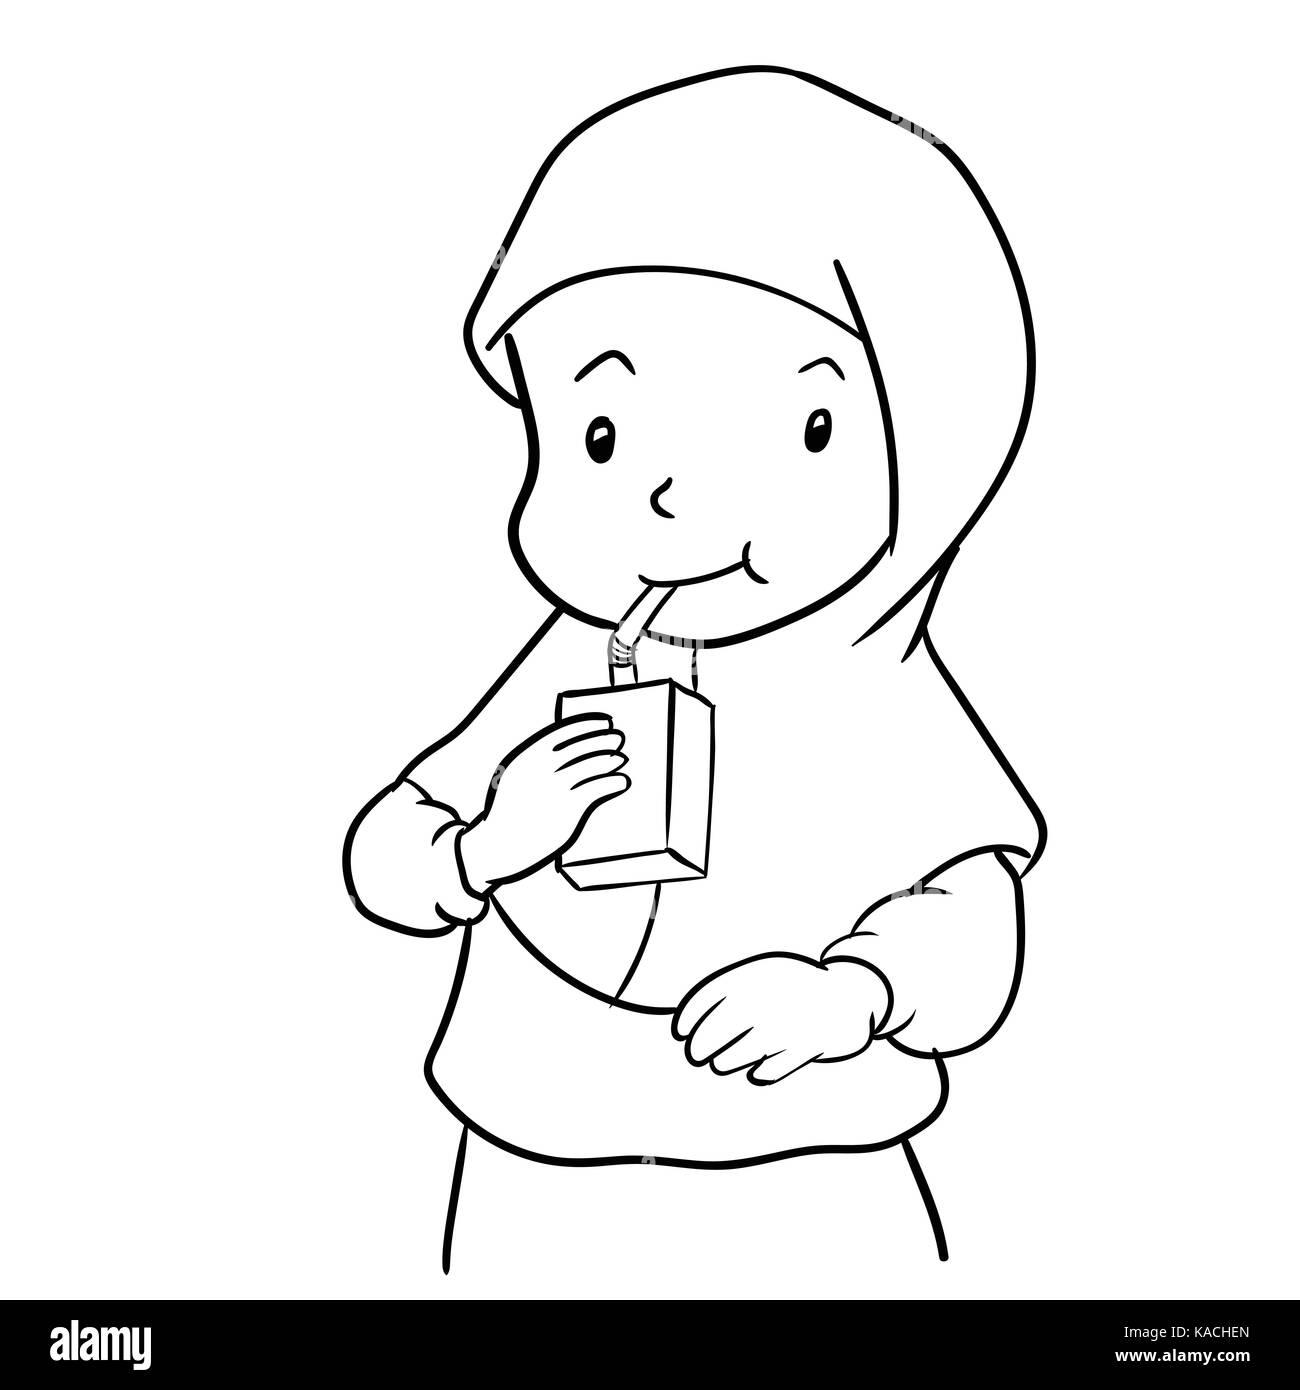 Dessin A La Main De La Jeune Fille Musulmane Boire Du Lait Isole Sur